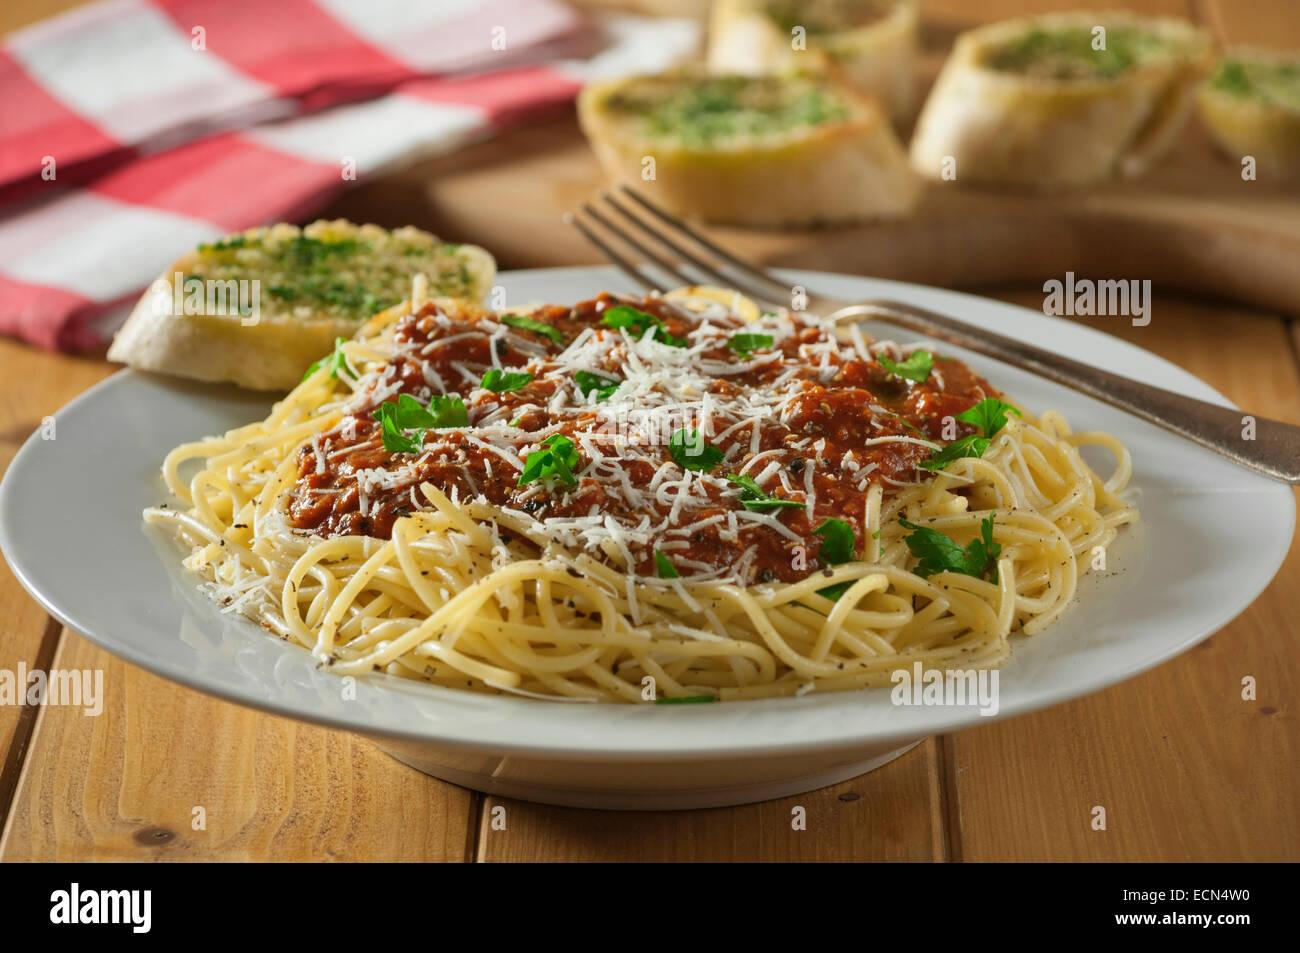 Los espaguetis a la boloñesa con pan de ajo. Plato de pasta italiana. Imagen De Stock